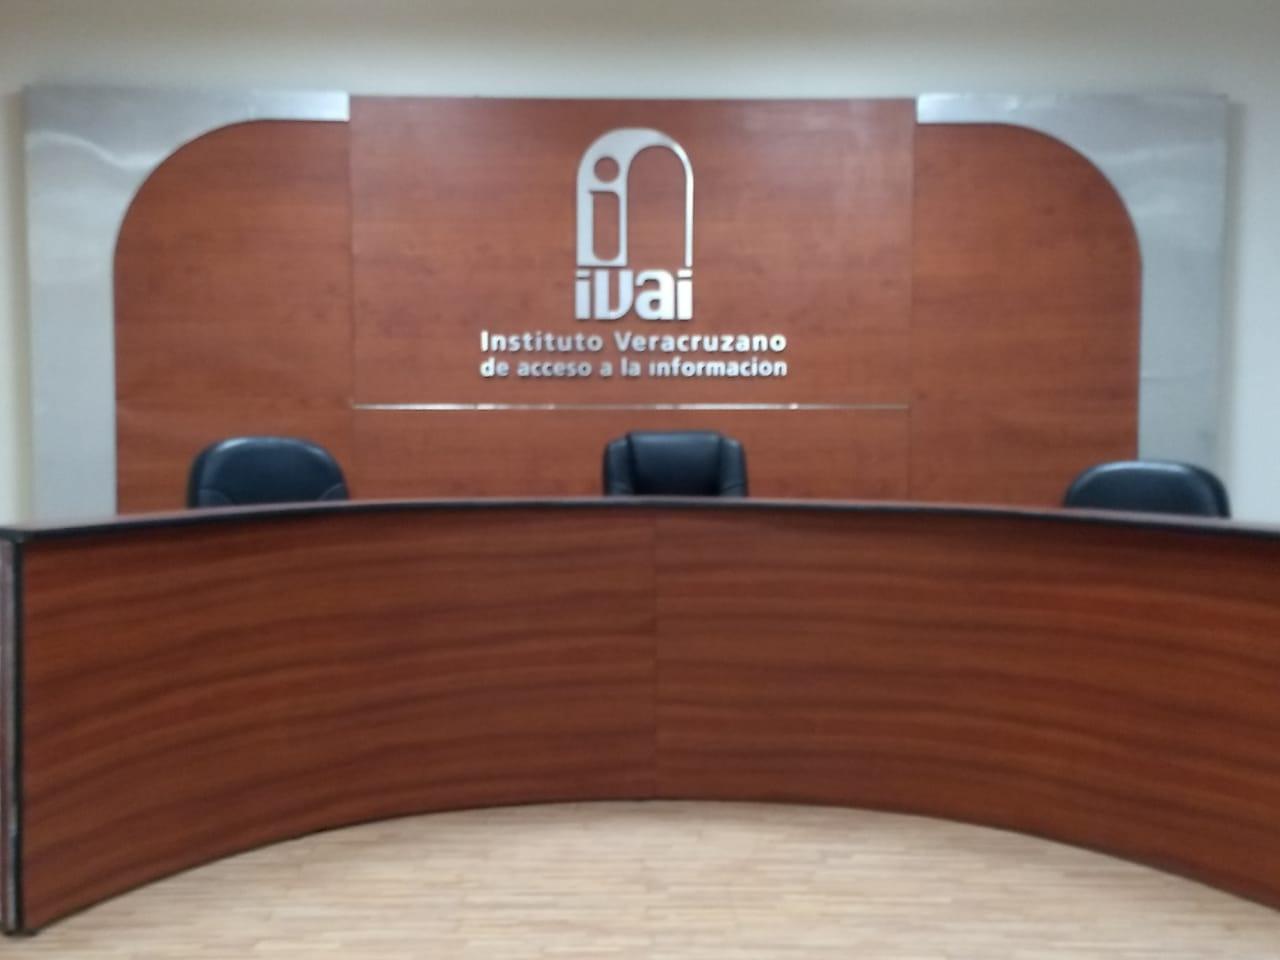 IVAI y Tribunal de Justicia Administrativa suspenden labores en atención a la Cuarta Alerta Preventiva